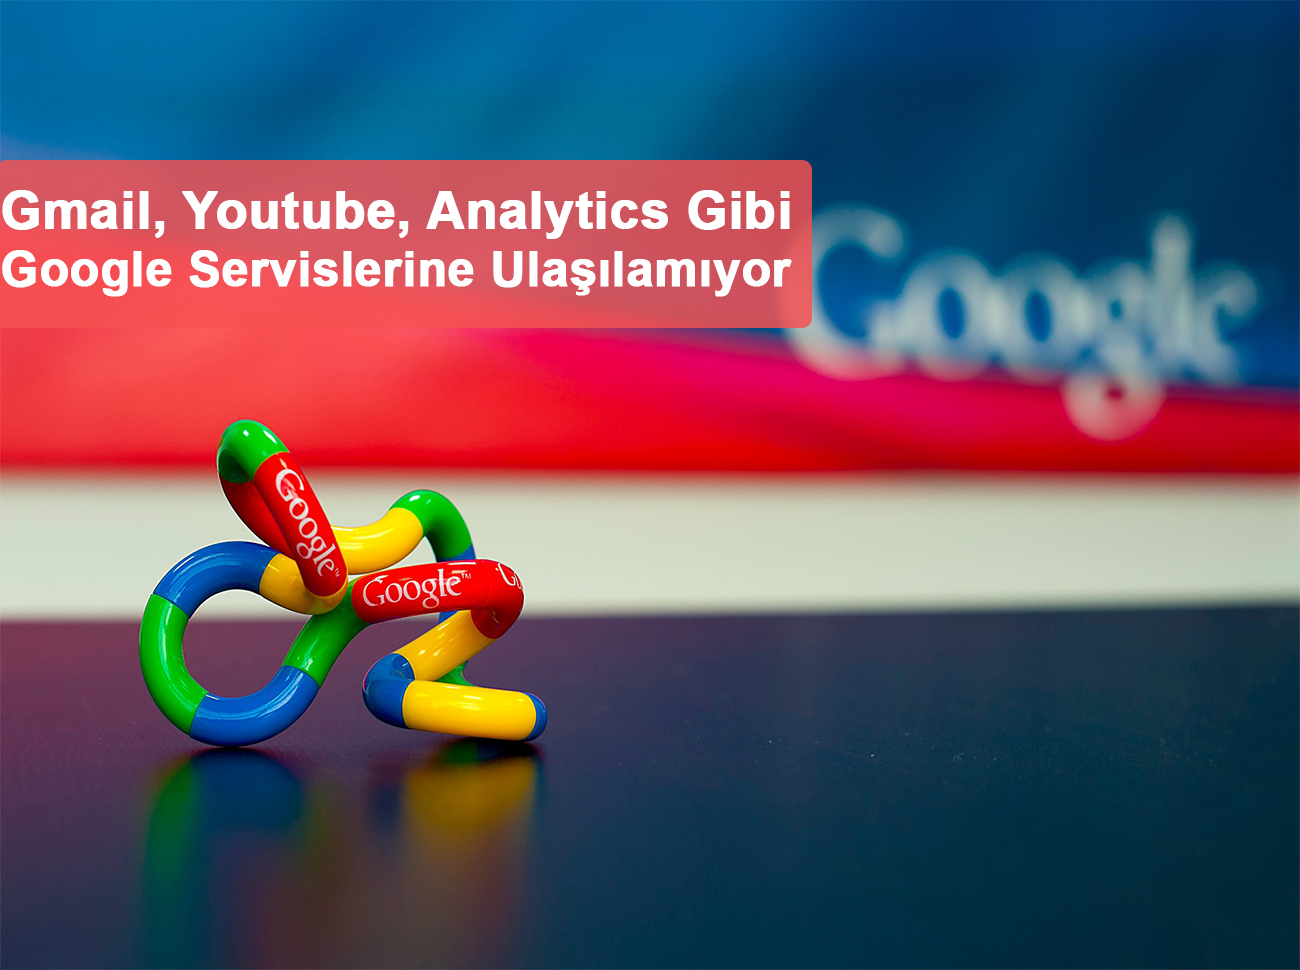 Google Çöktü: Gmail, Youtube Gibi Servislere Ulaşılamıyor